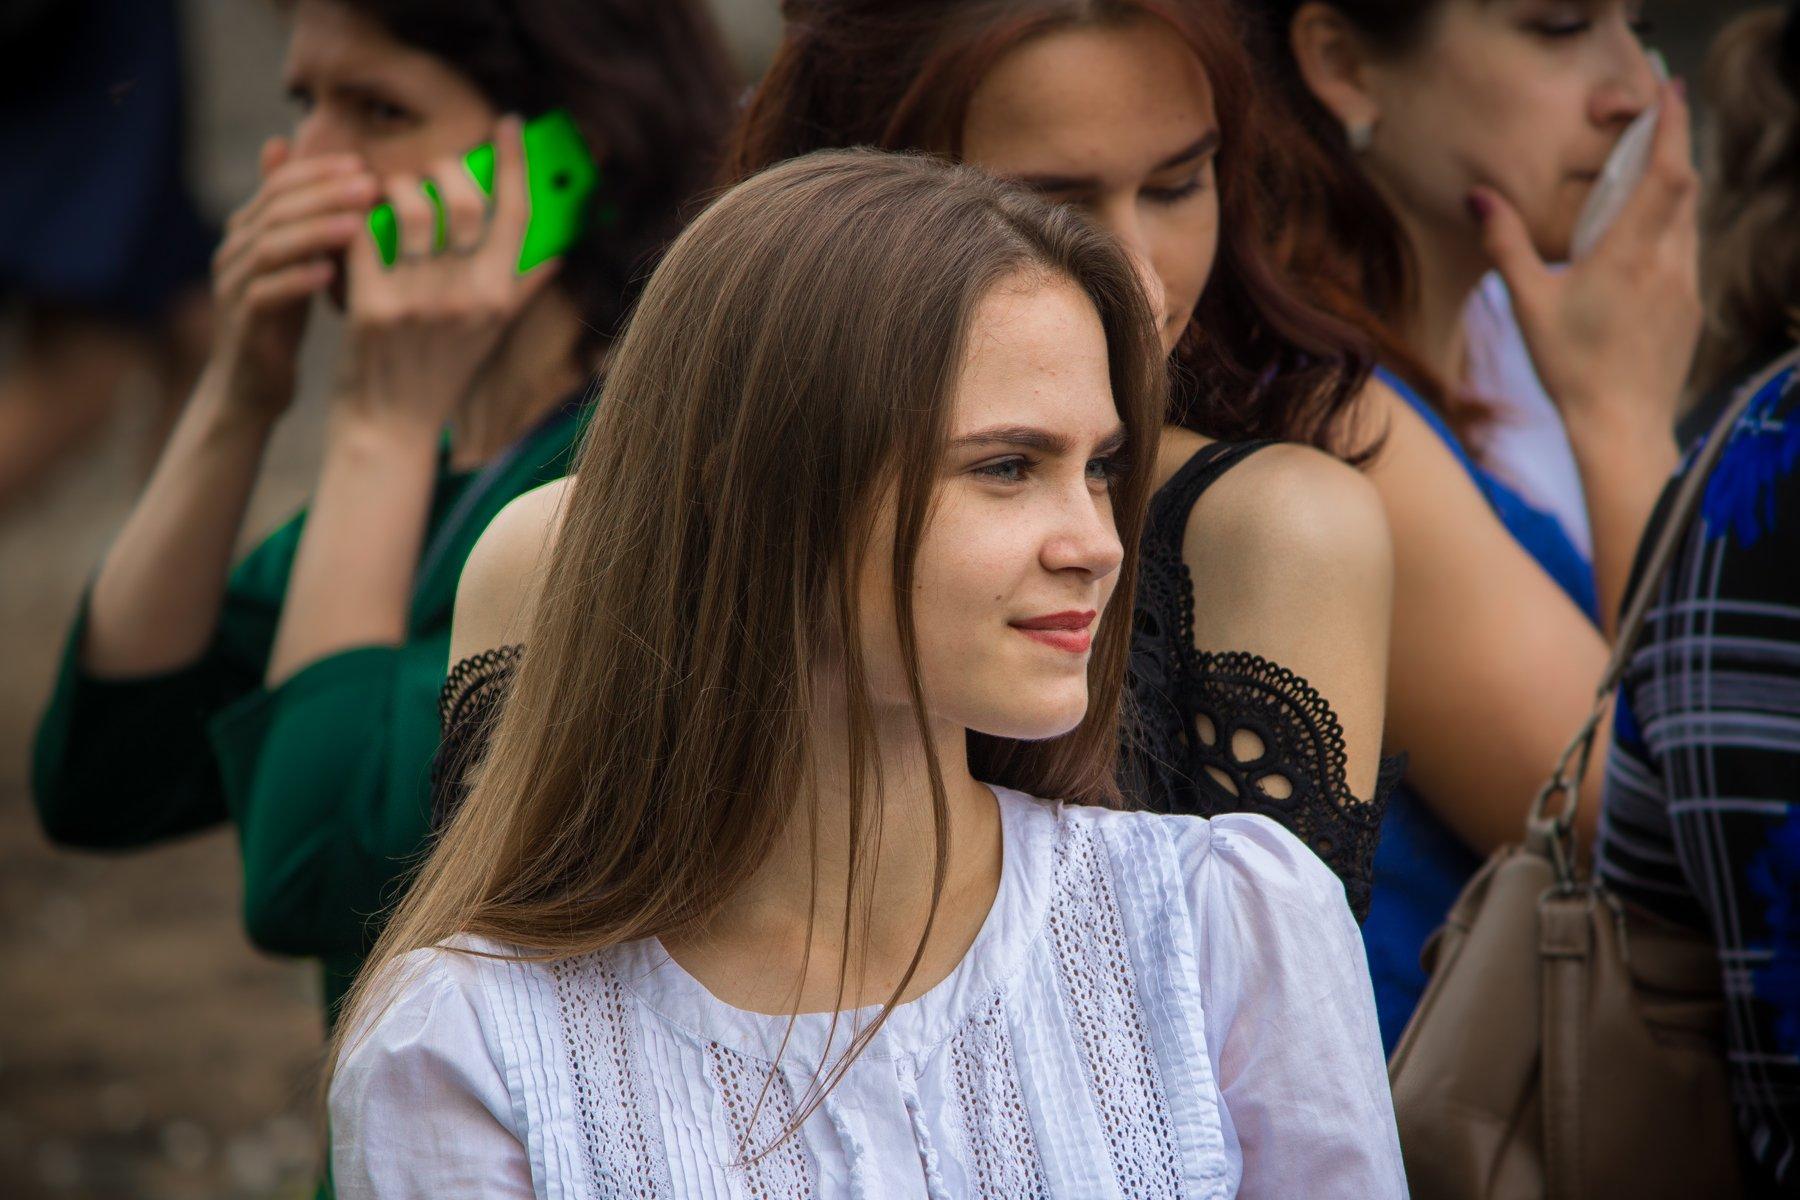 девушка, девочка, общество, человек и общество, Руслан Востриков